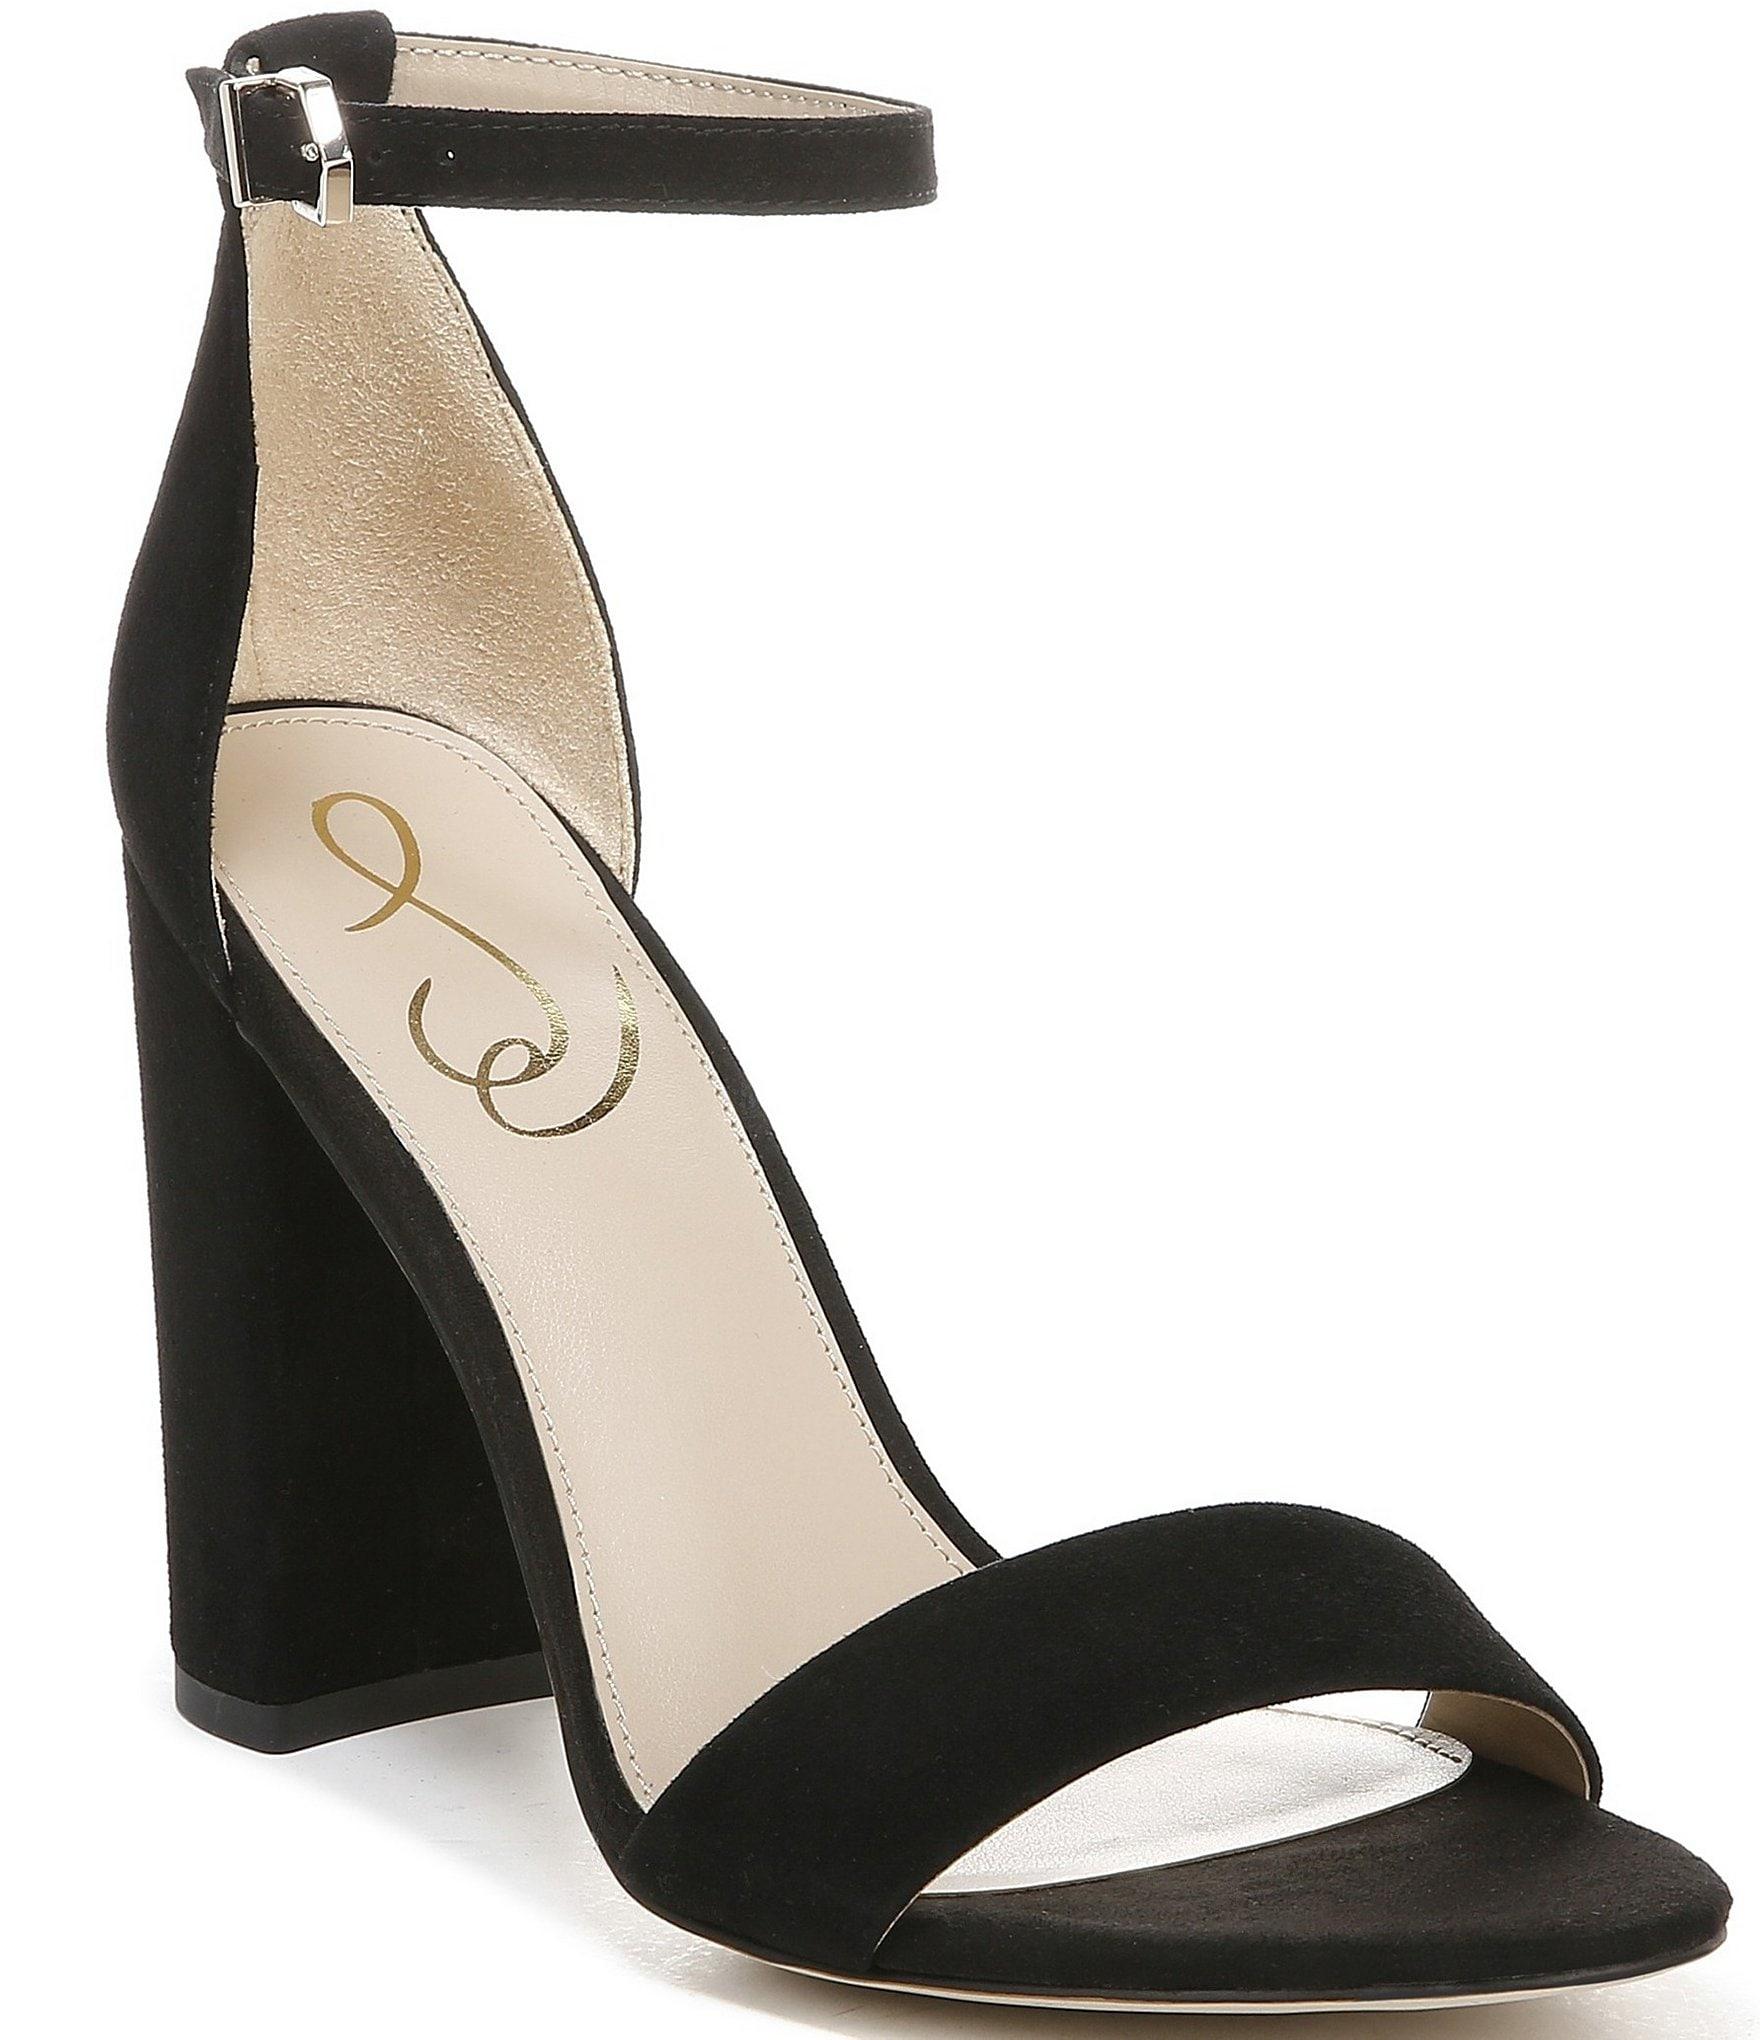 57ccfdf349db Sam Edelman Yaro Suede Ankle Strap Block Heel Dress Sandals